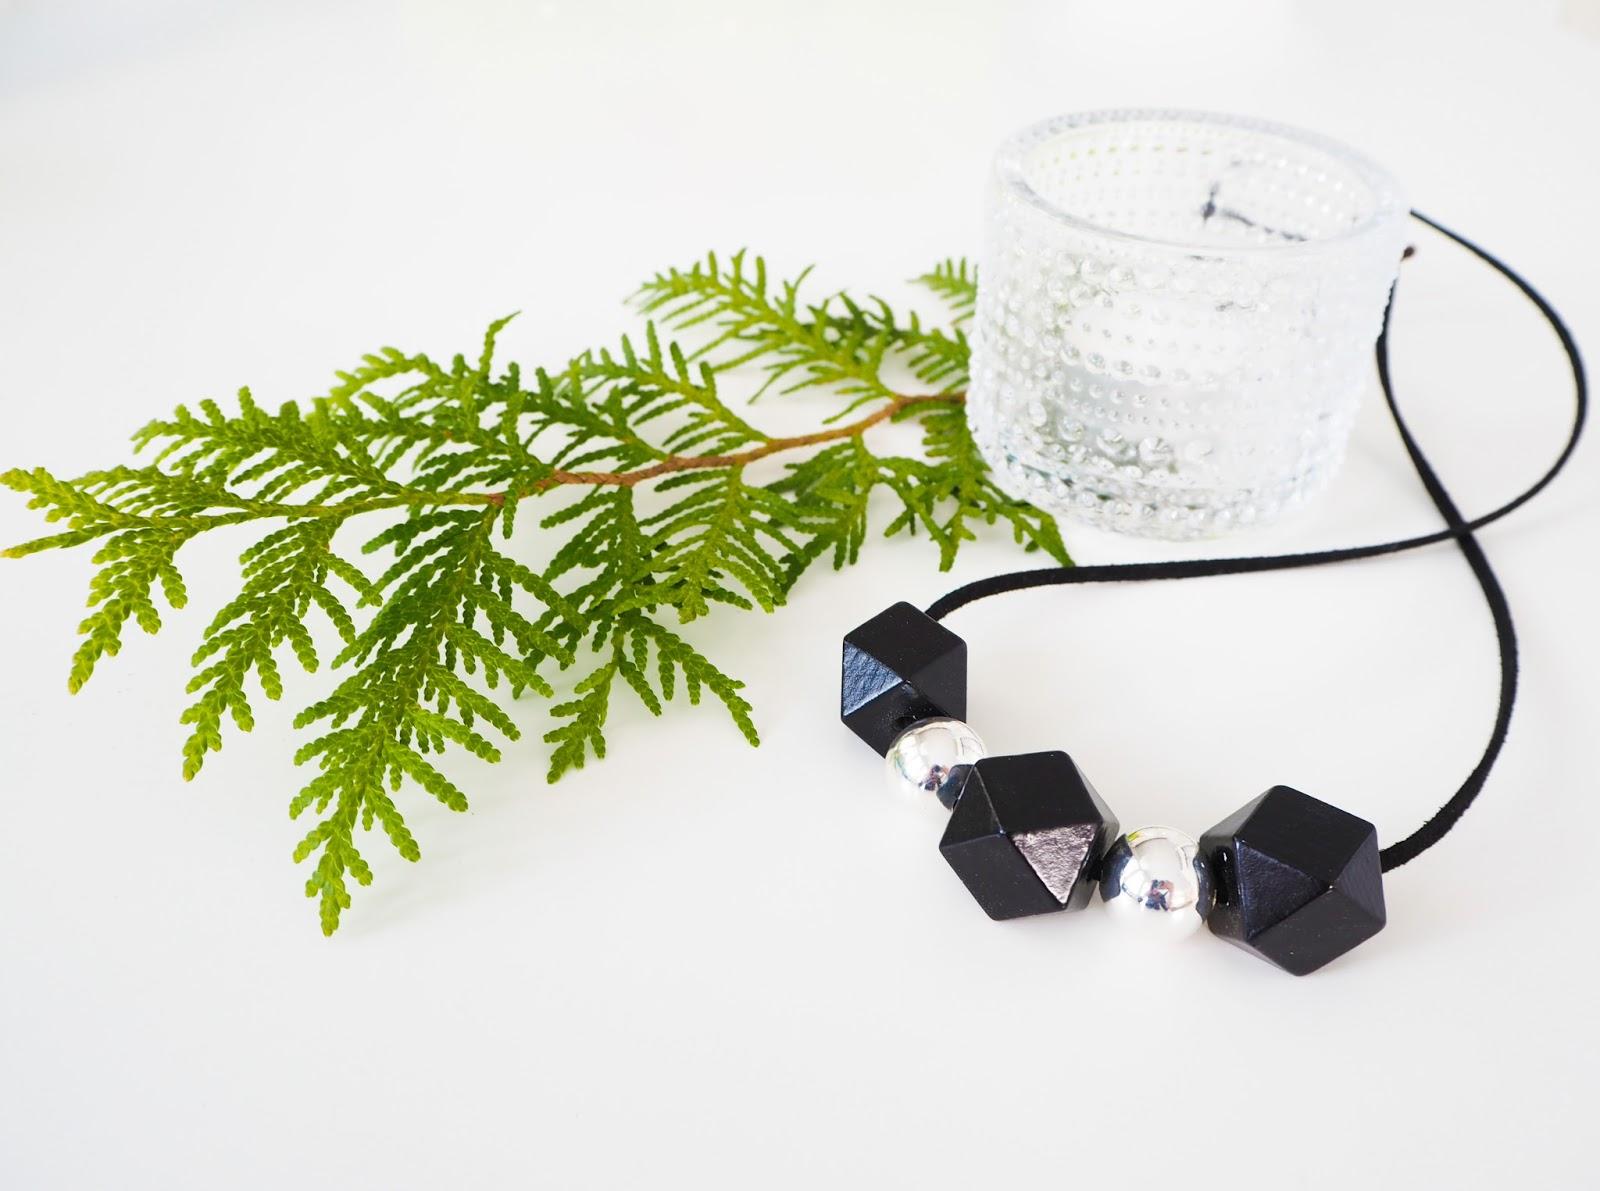 Saippuakuplia olohuoneessa- blogi, kuva Hanna Poikkilehto, MioSa design, Coralie kaulakoru, koru